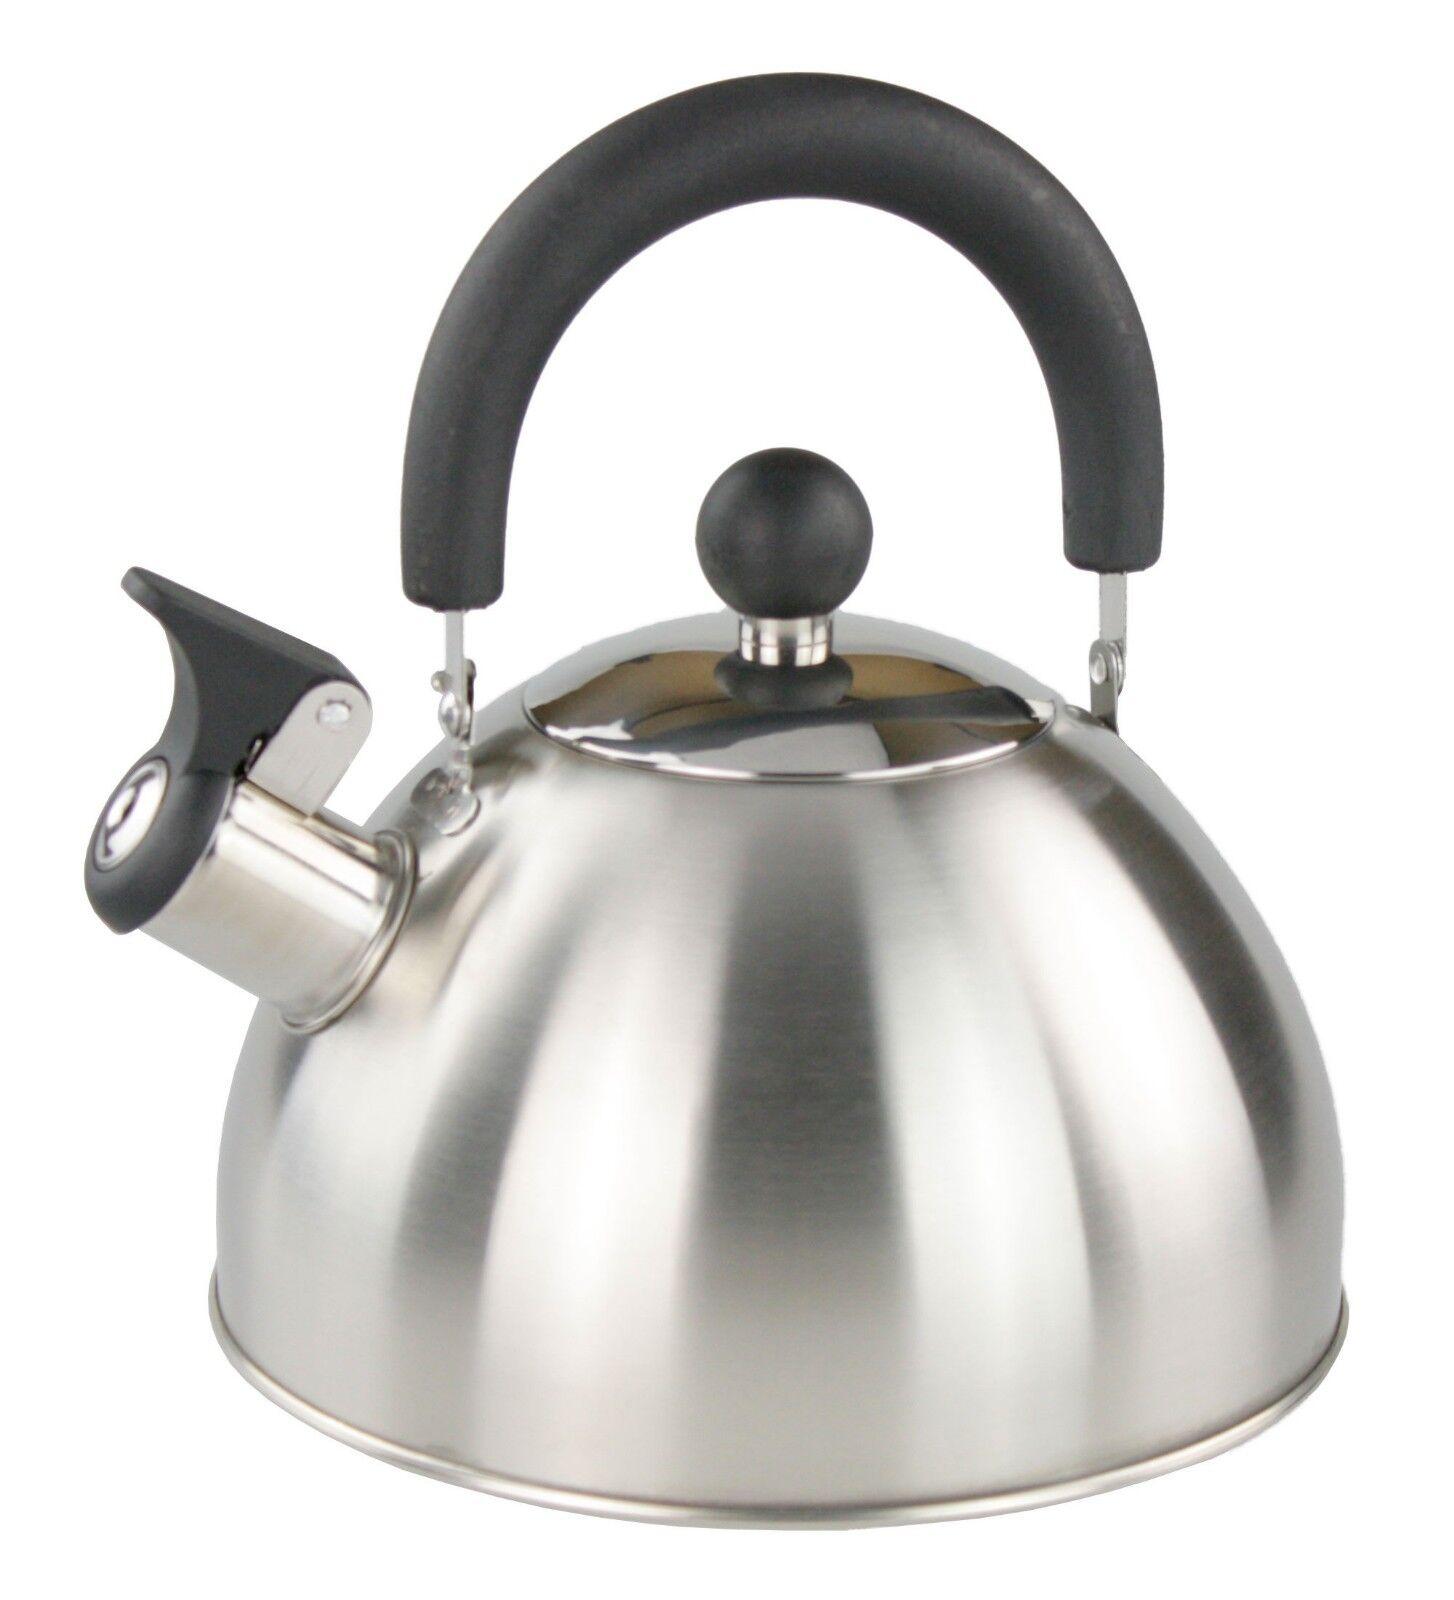 2 Liter Edelstahl Wasserkessel Wasserkocher Flöttenkessel Teekessel ...